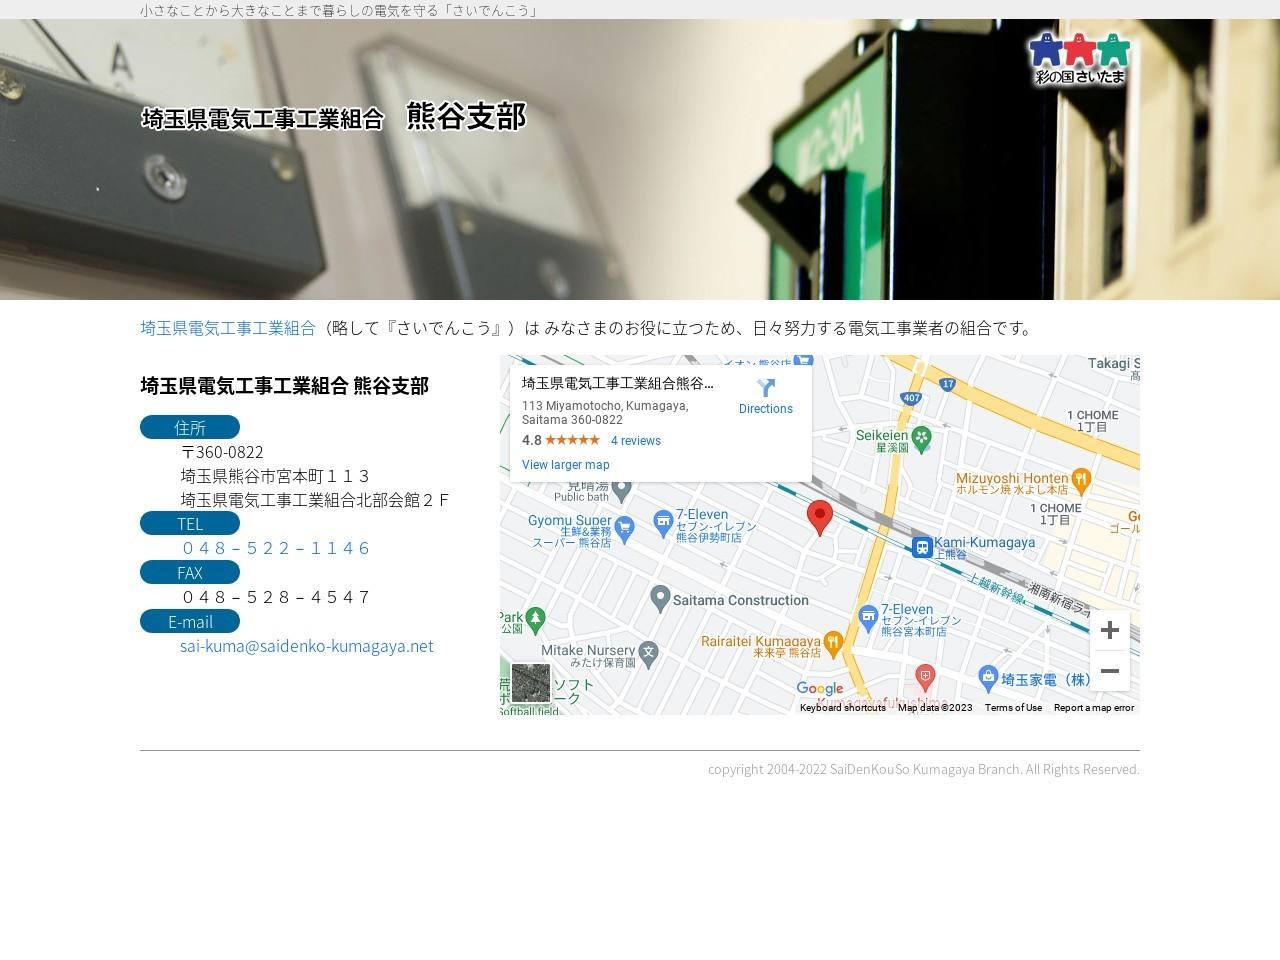 埼玉県電気工事工業組合/熊谷支部